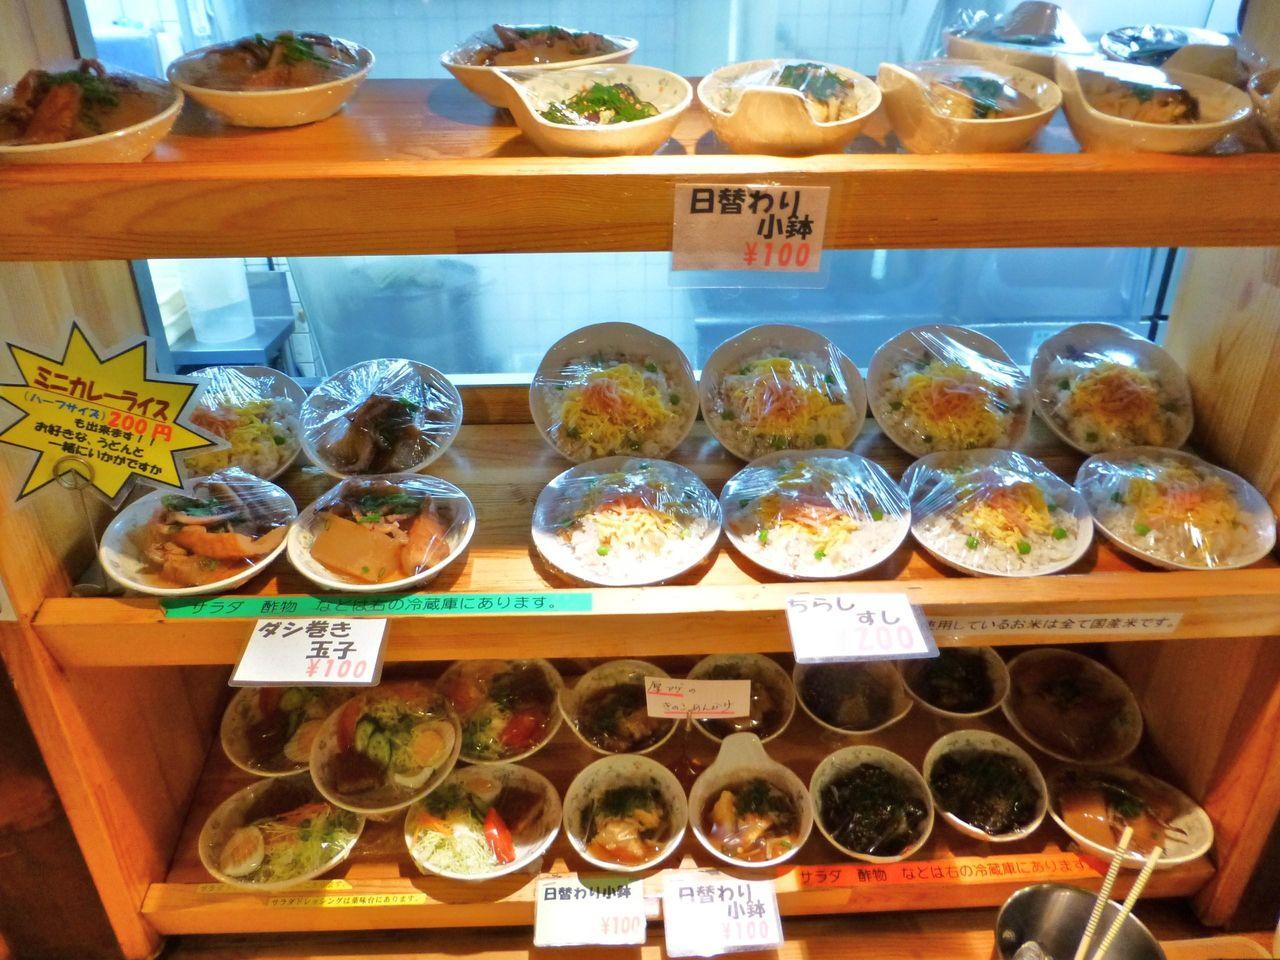 小鉢、惣菜、ちらし寿司など、メニューが豊富!